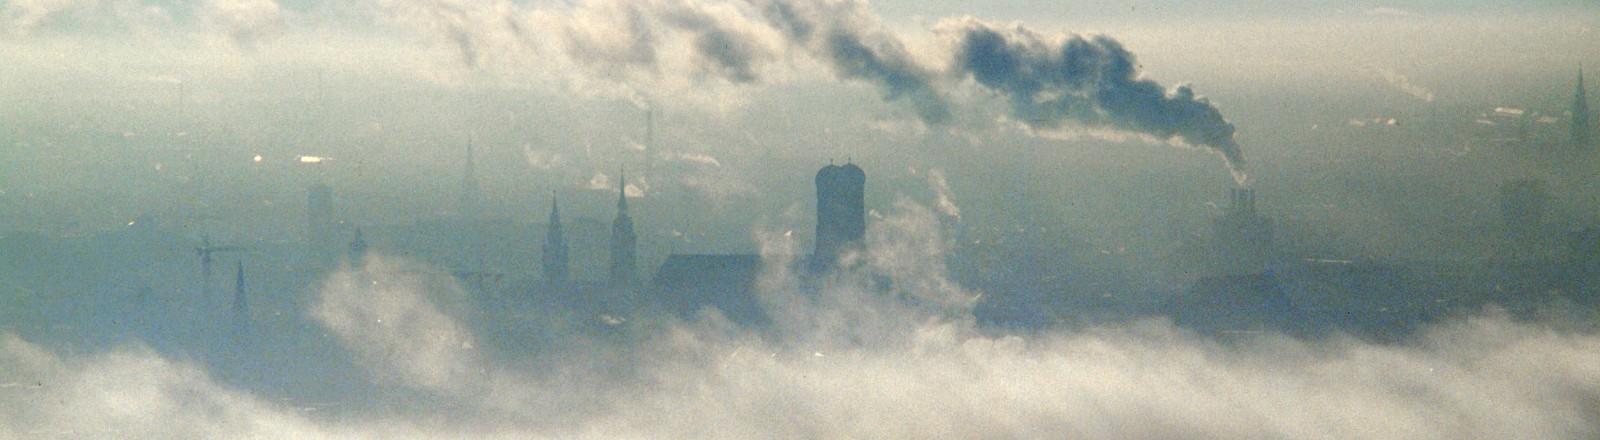 Smog über München